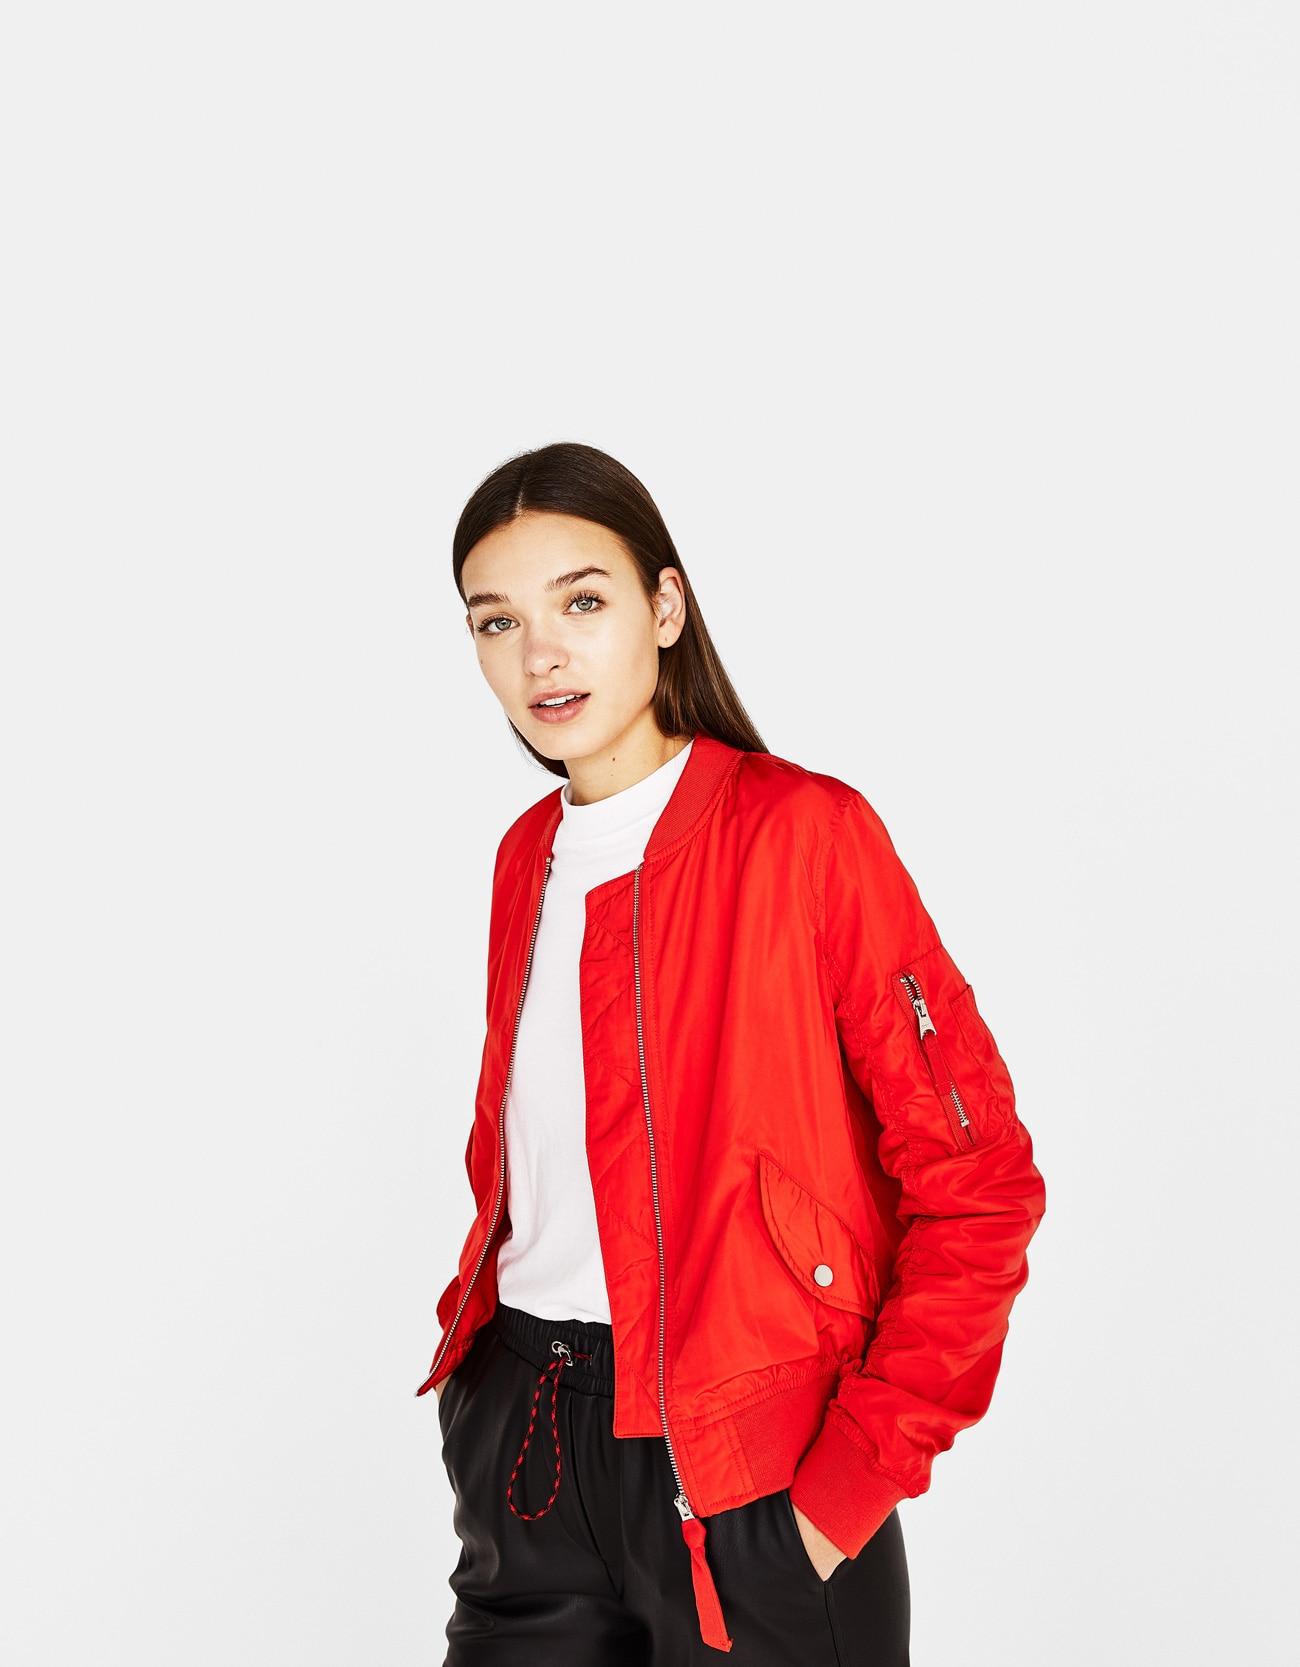 Short Red Bomber Jacket Coat Women Zipper Vintage Casual Streetwear ... 3c4a37312